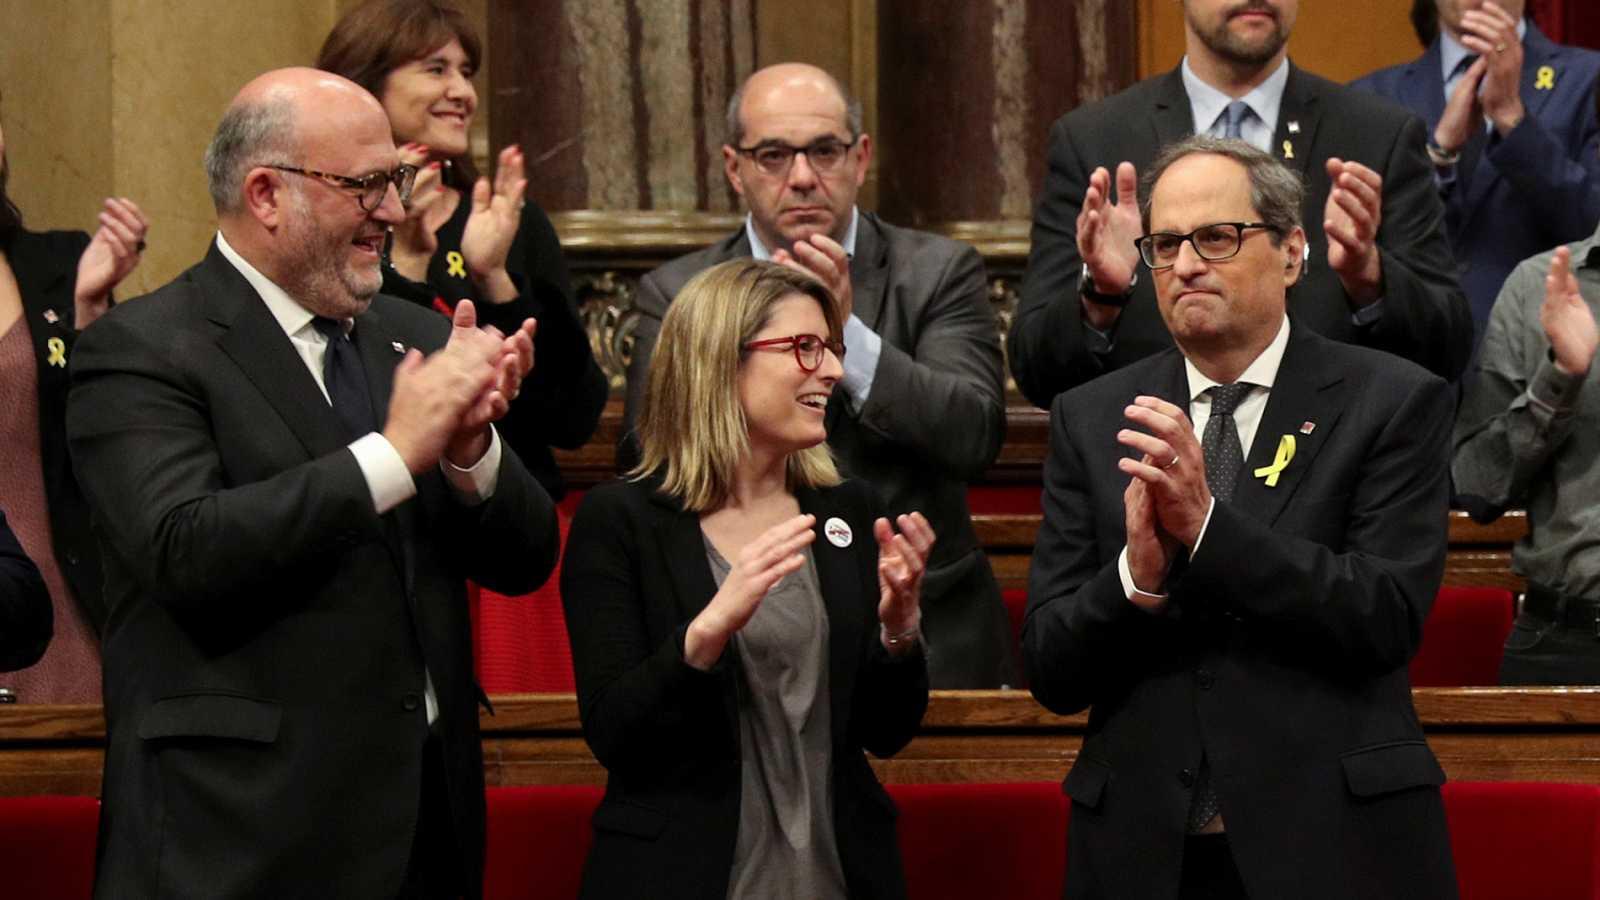 Torra, presidente de la Generalitat con la abstención de la CUP, promete investir a Puigdemont